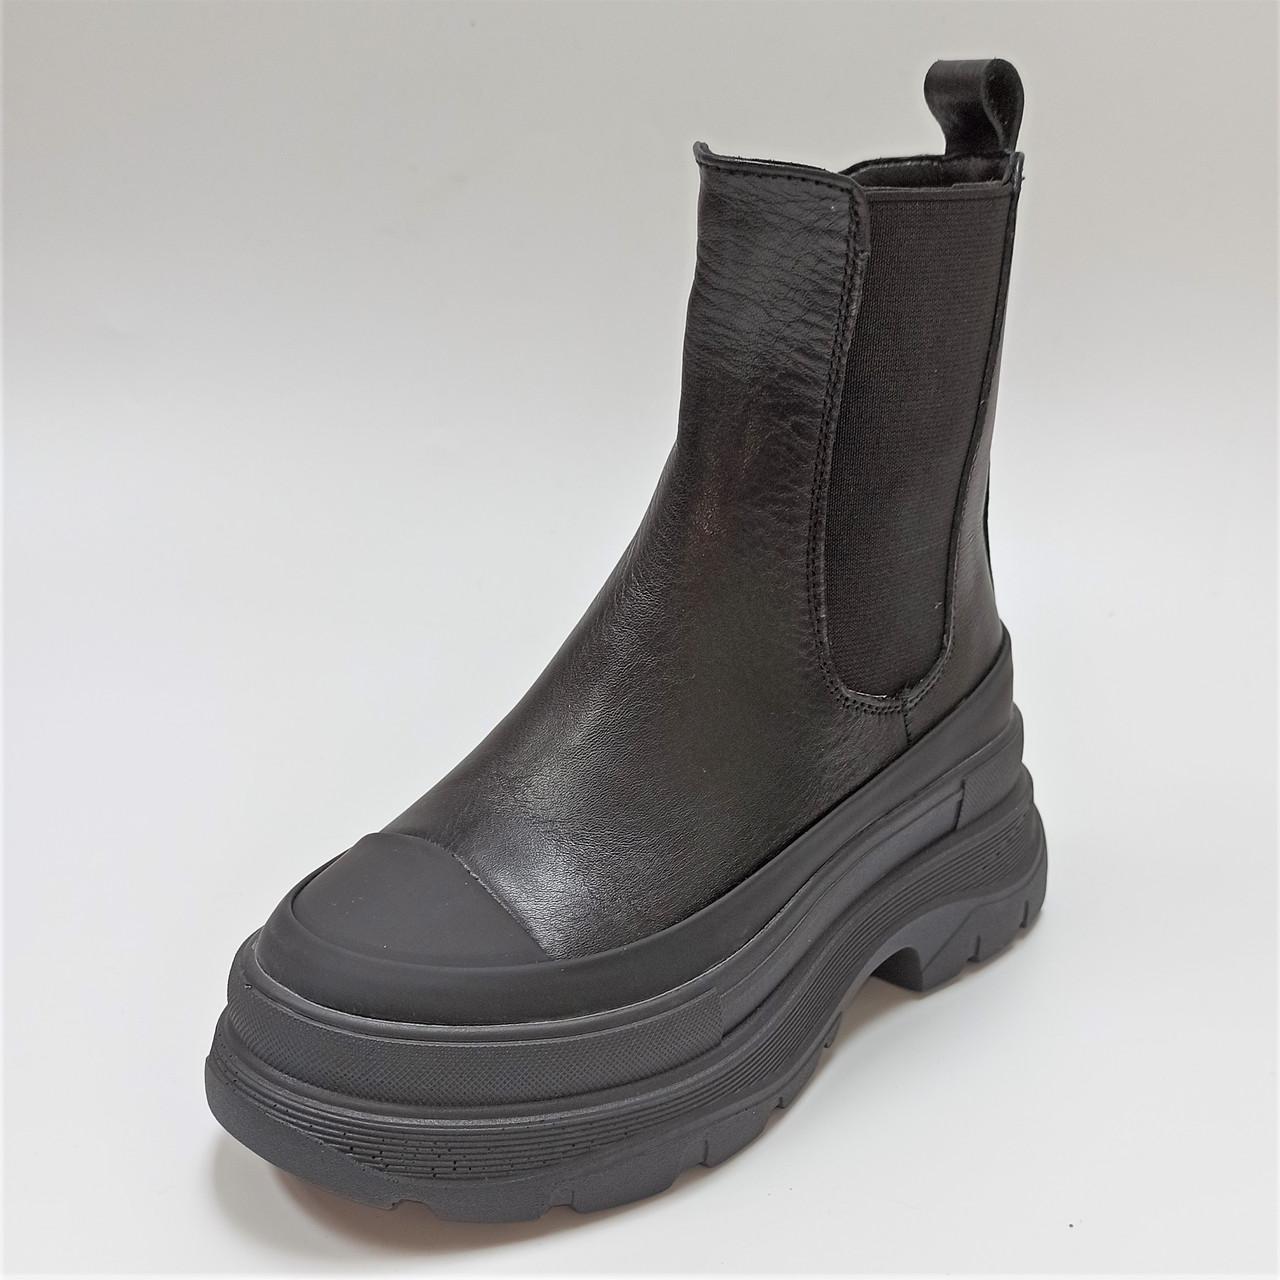 Ботинки девочке на платформе, Masheros размеры: 32-40